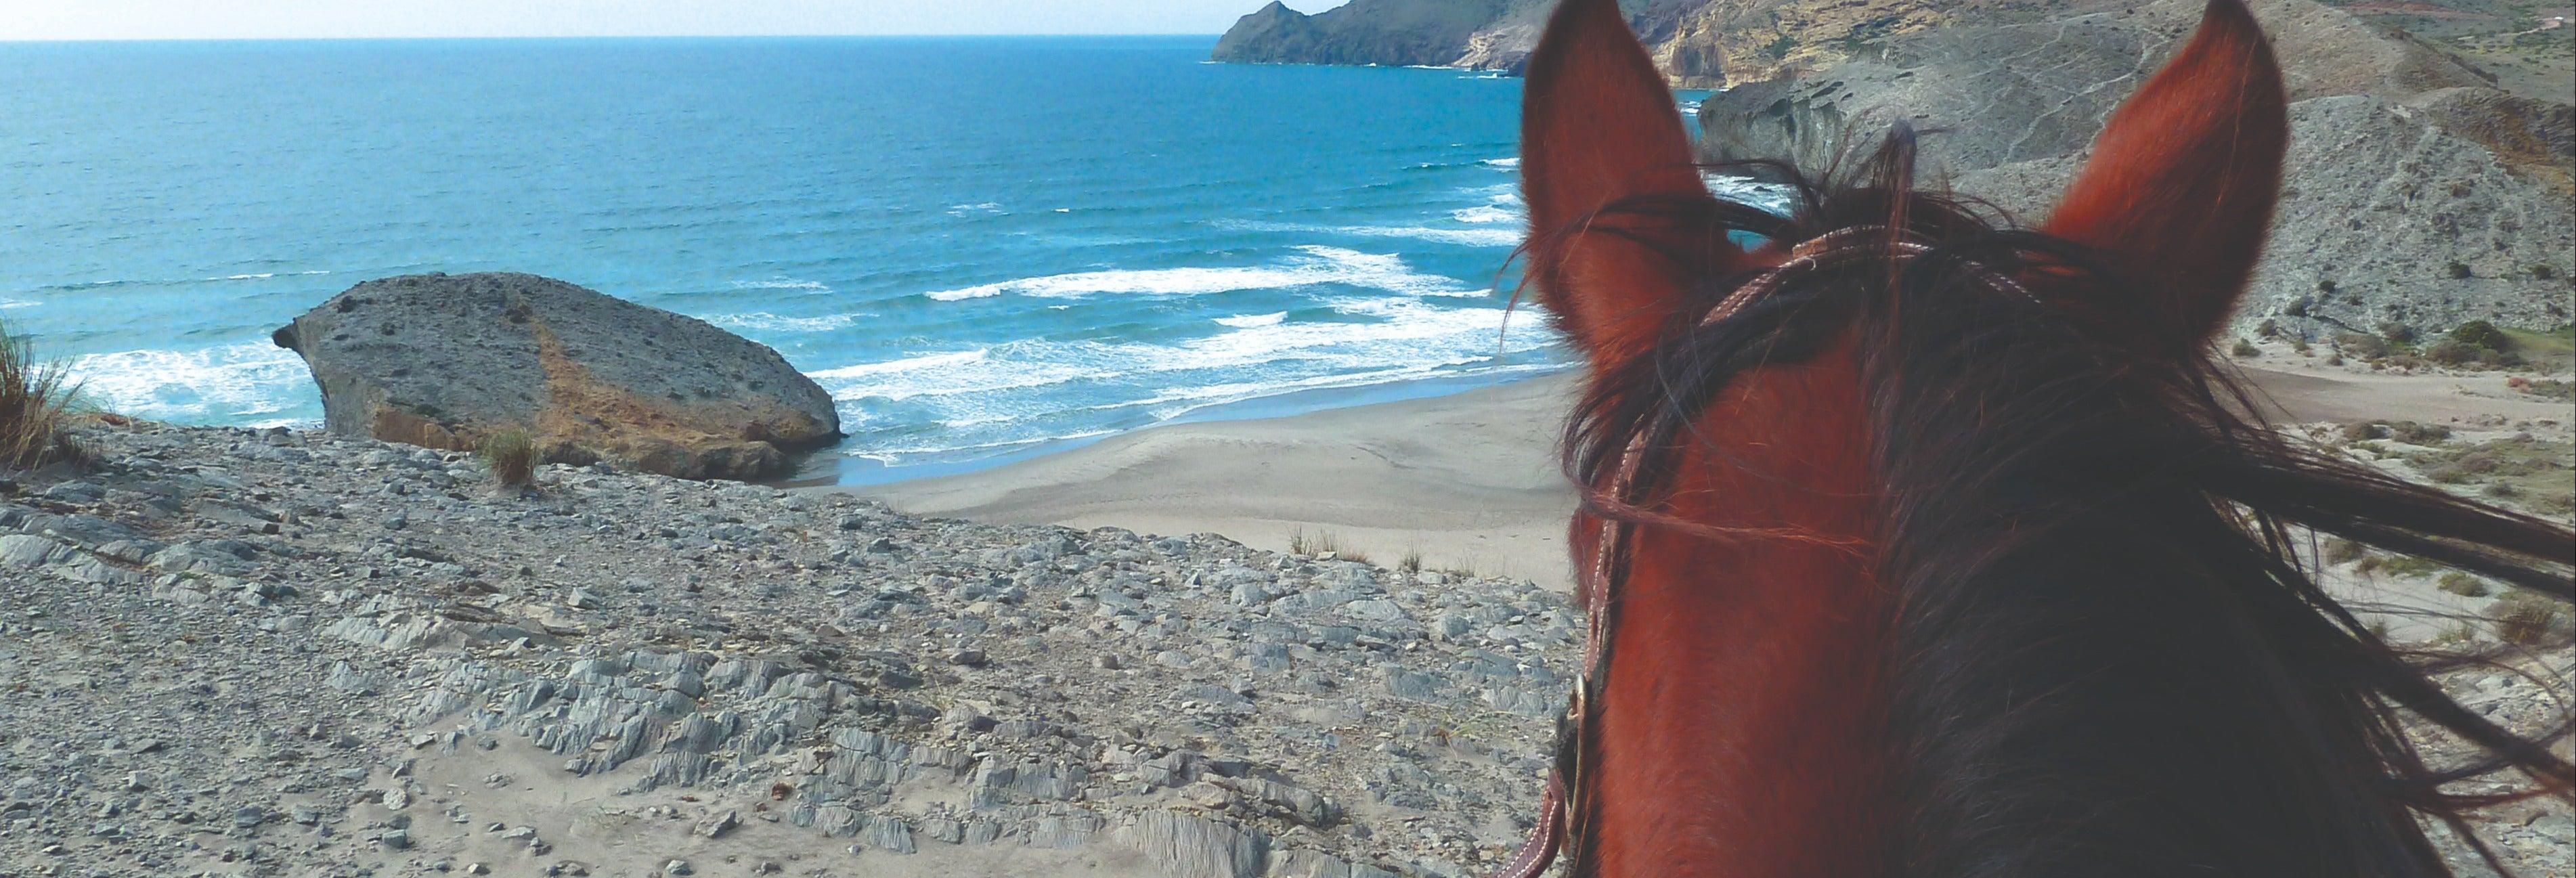 Passeio a cavalo por Cabo de Gata